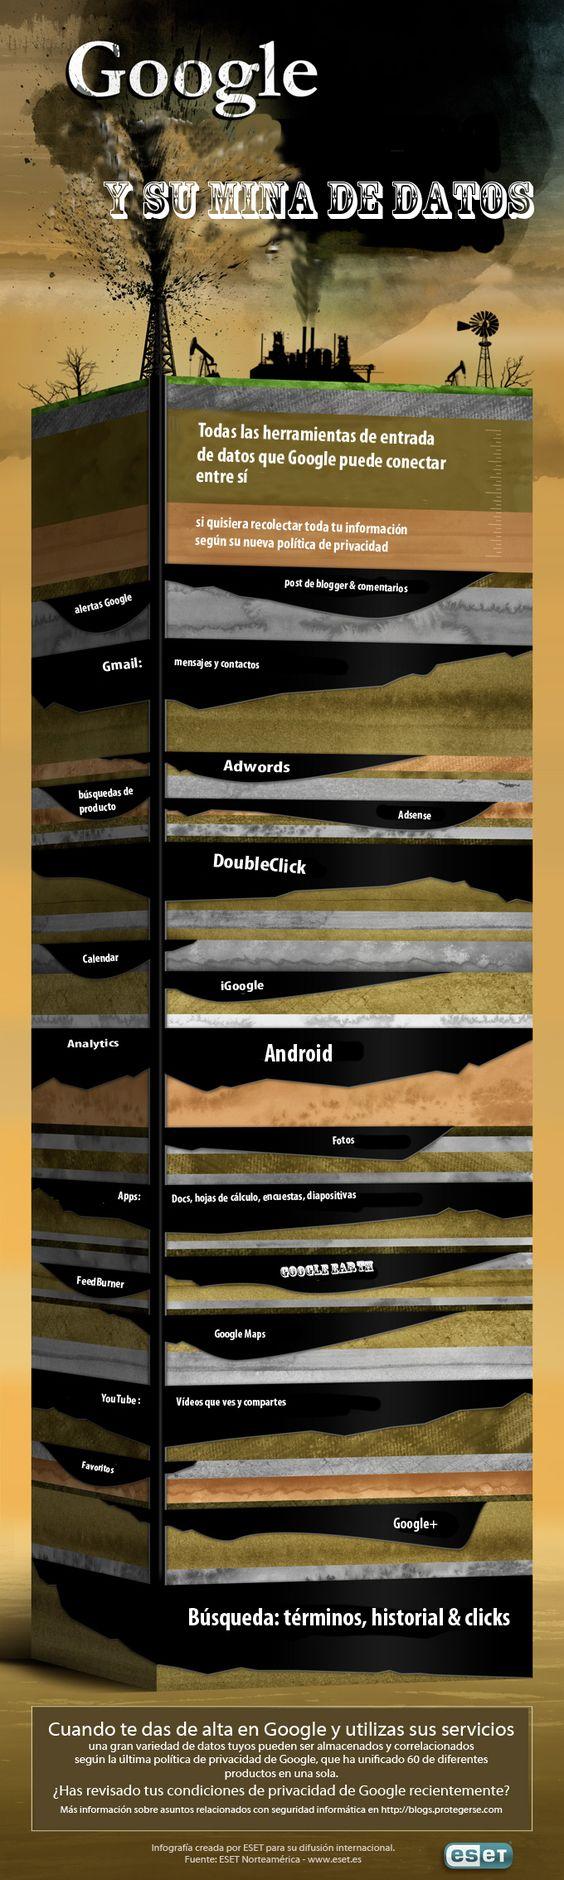 Todo lo que Google sabe de ti – infografía